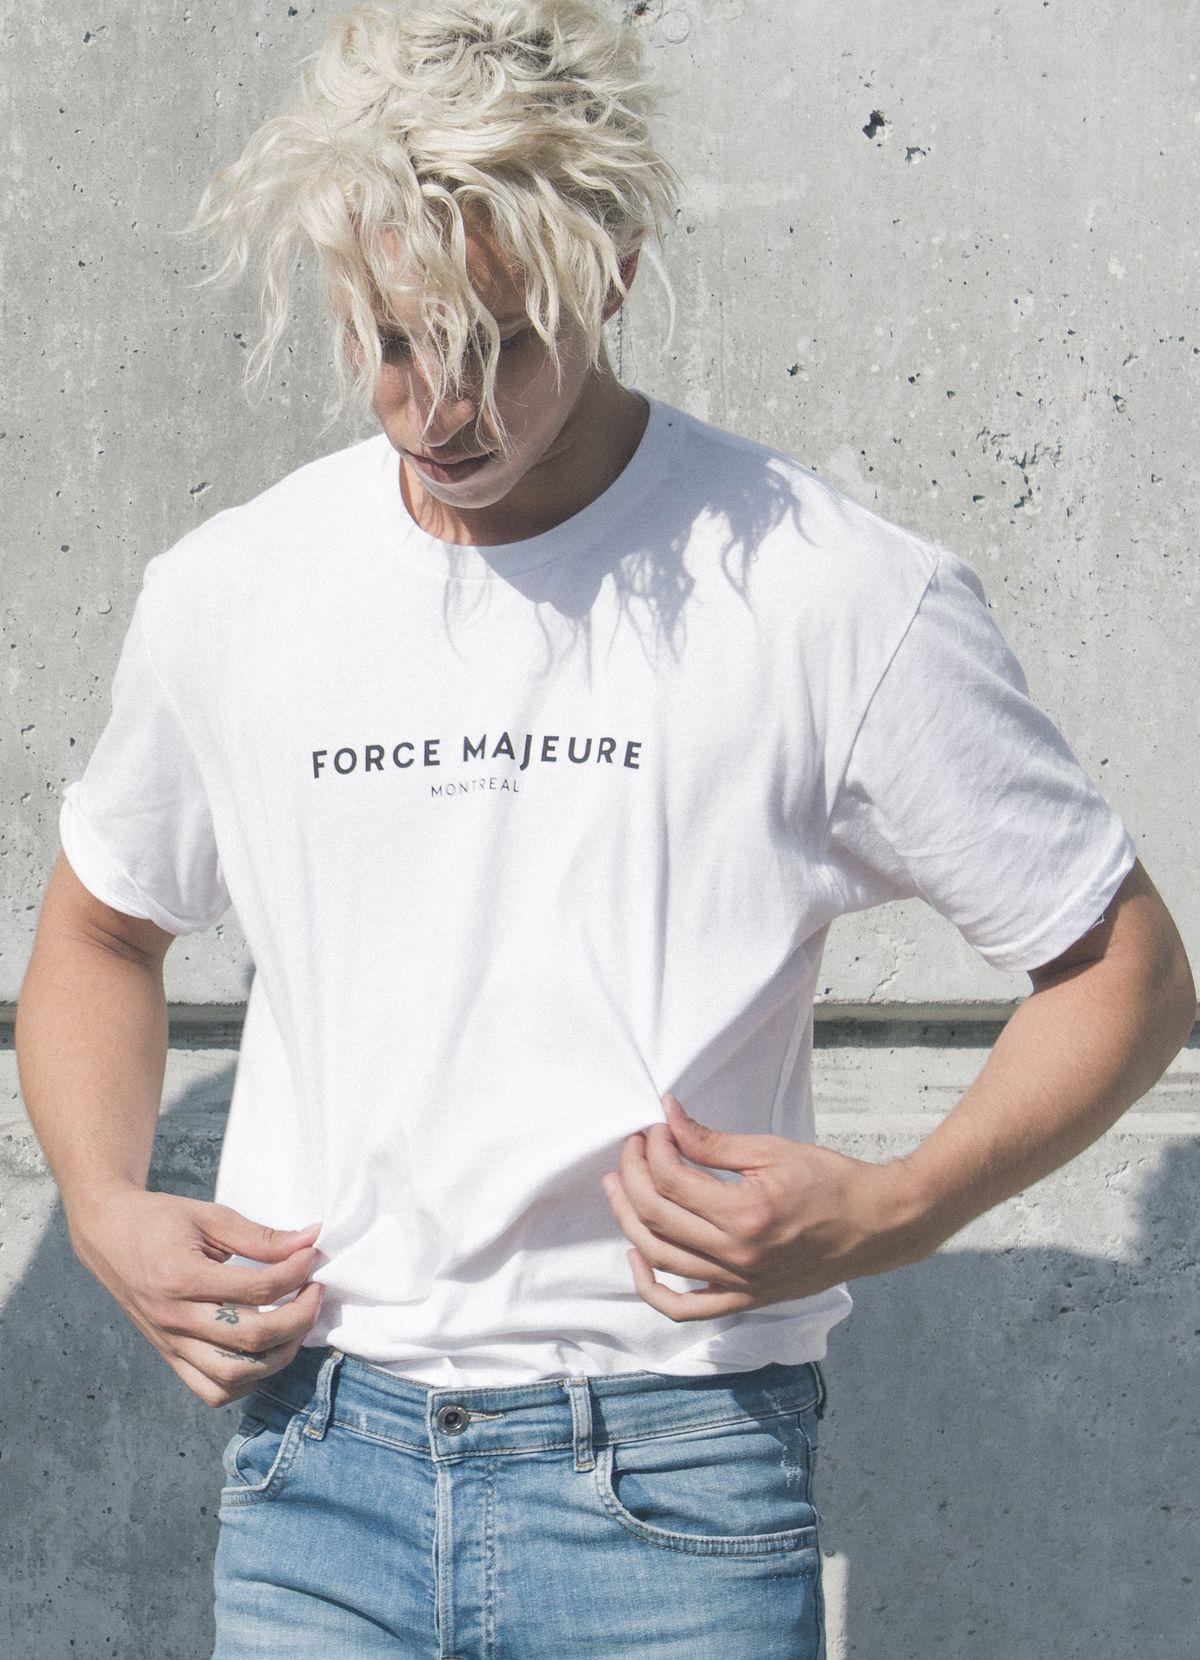 Zeige mir Dein T-Shirt und ich sage Dir, wer Du bist?